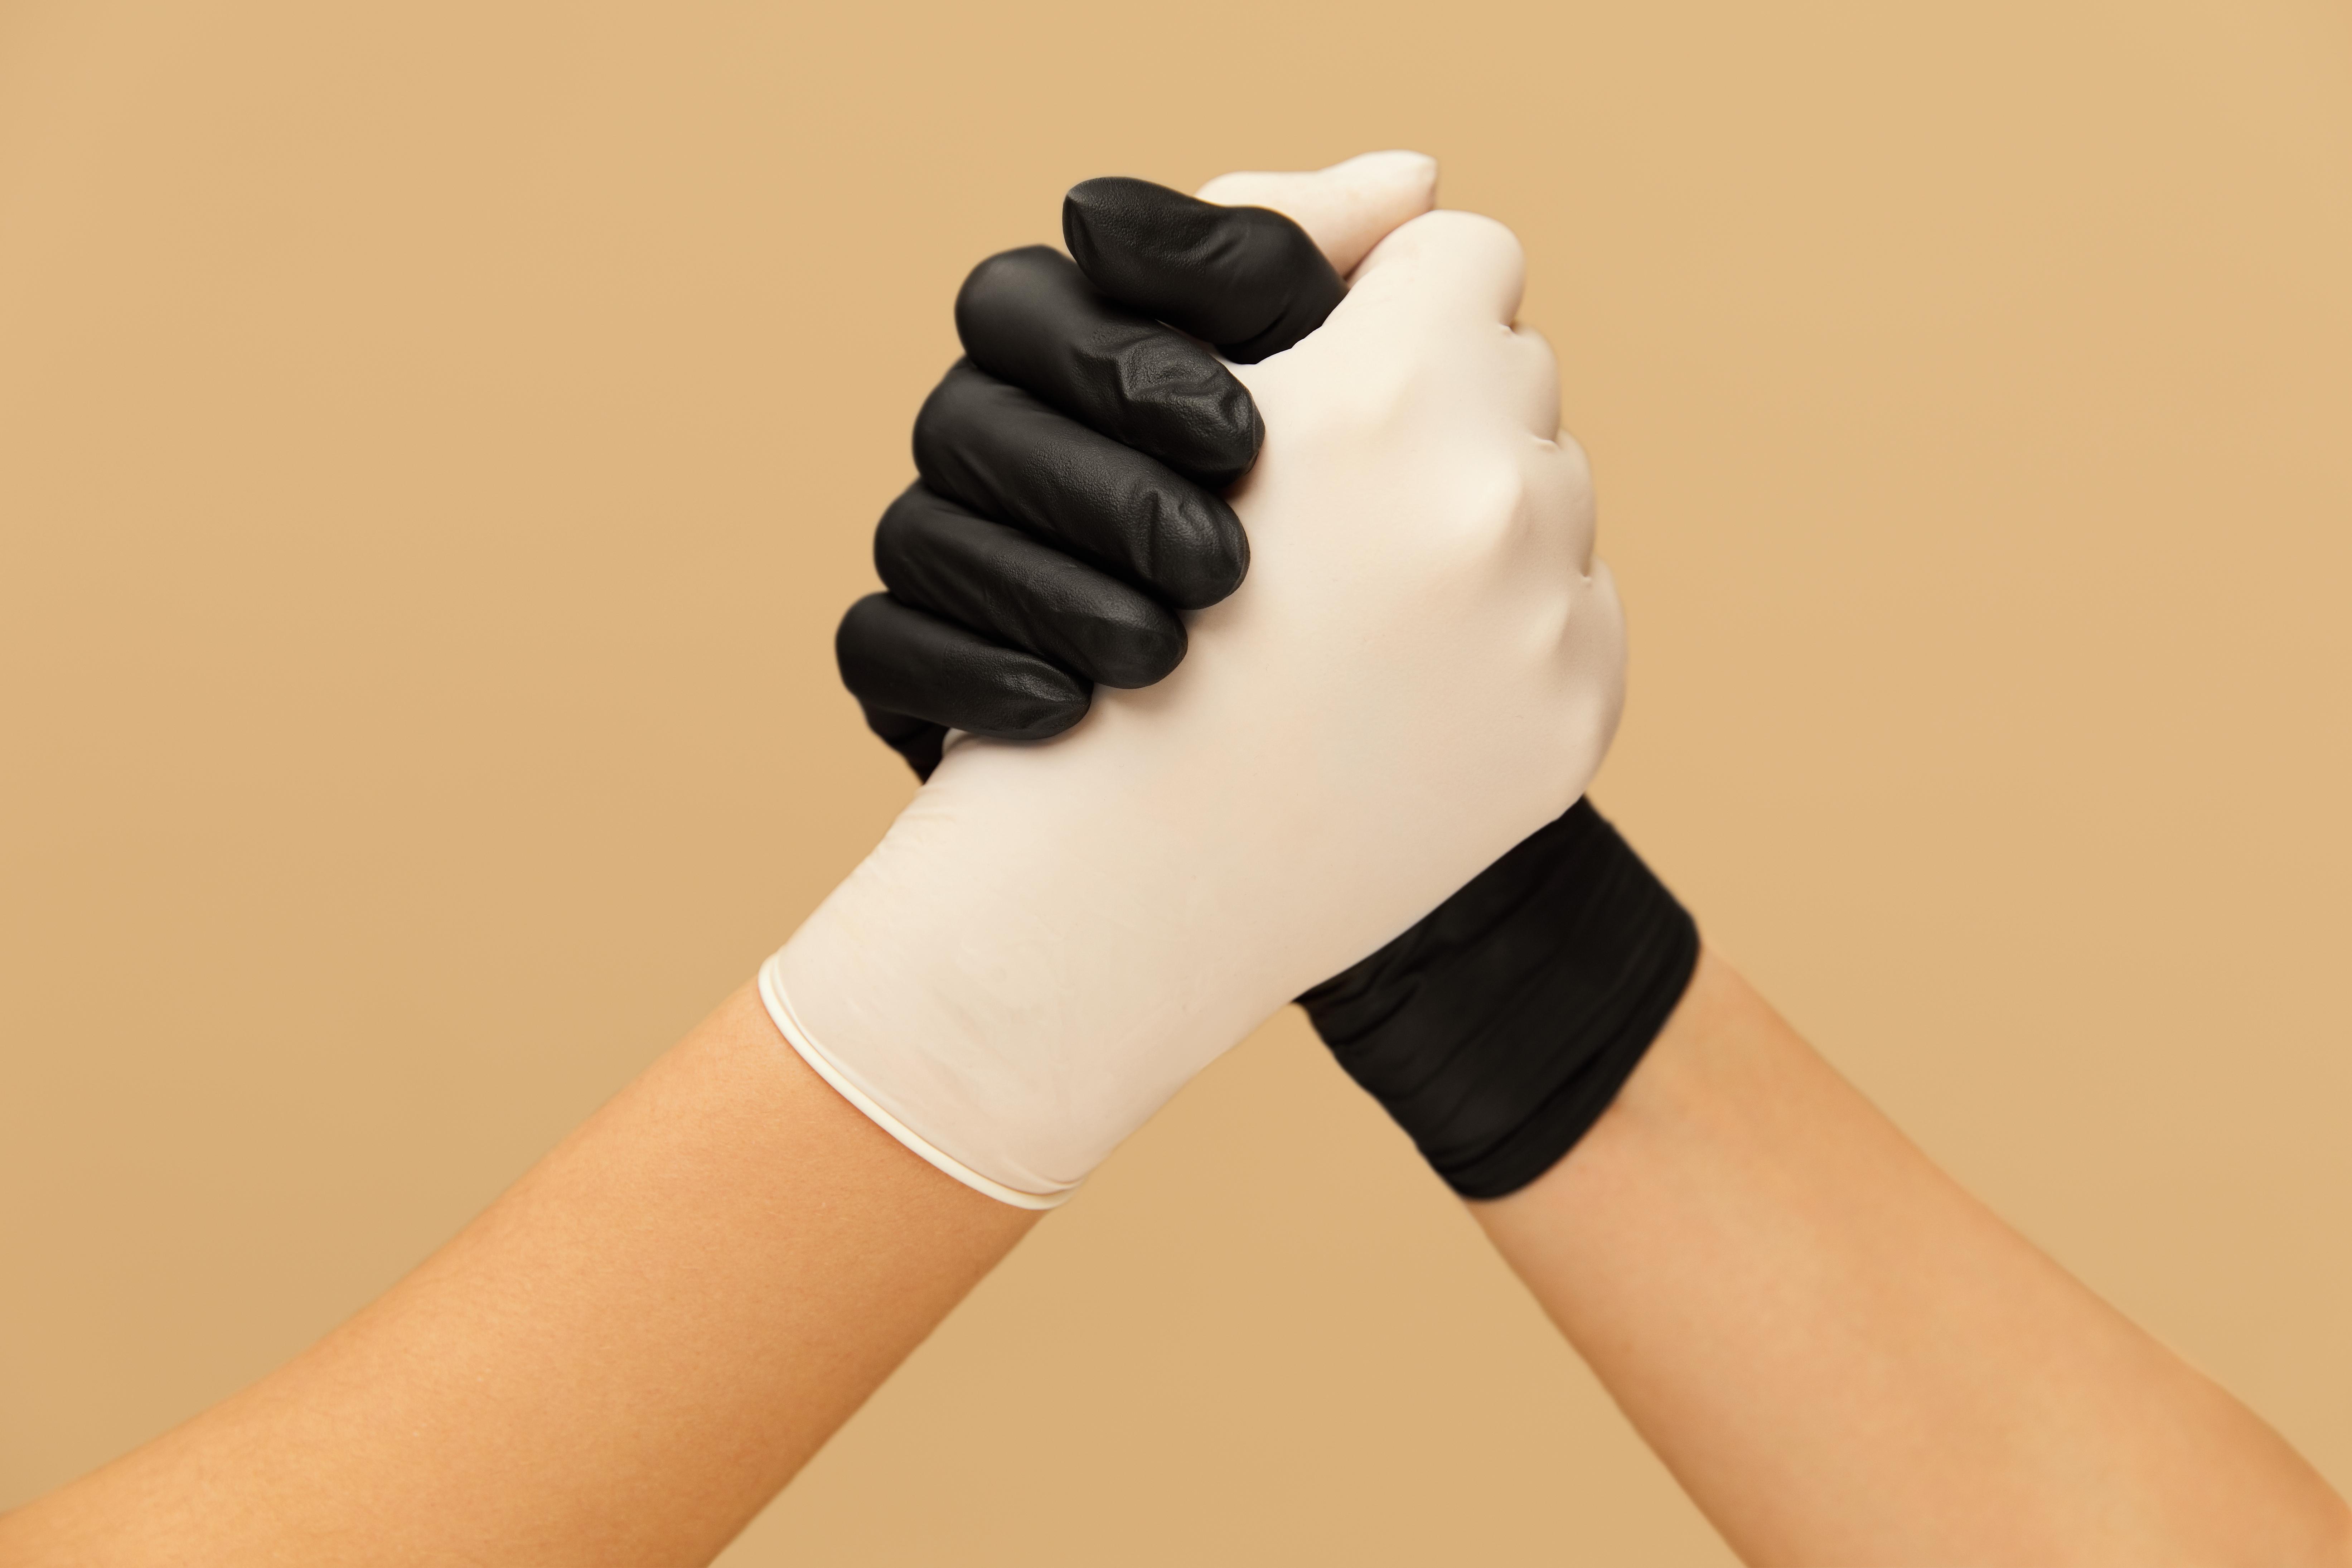 СПЧ попросил Роспотребнадзор обосновать необходимость перчаток в общественных местах